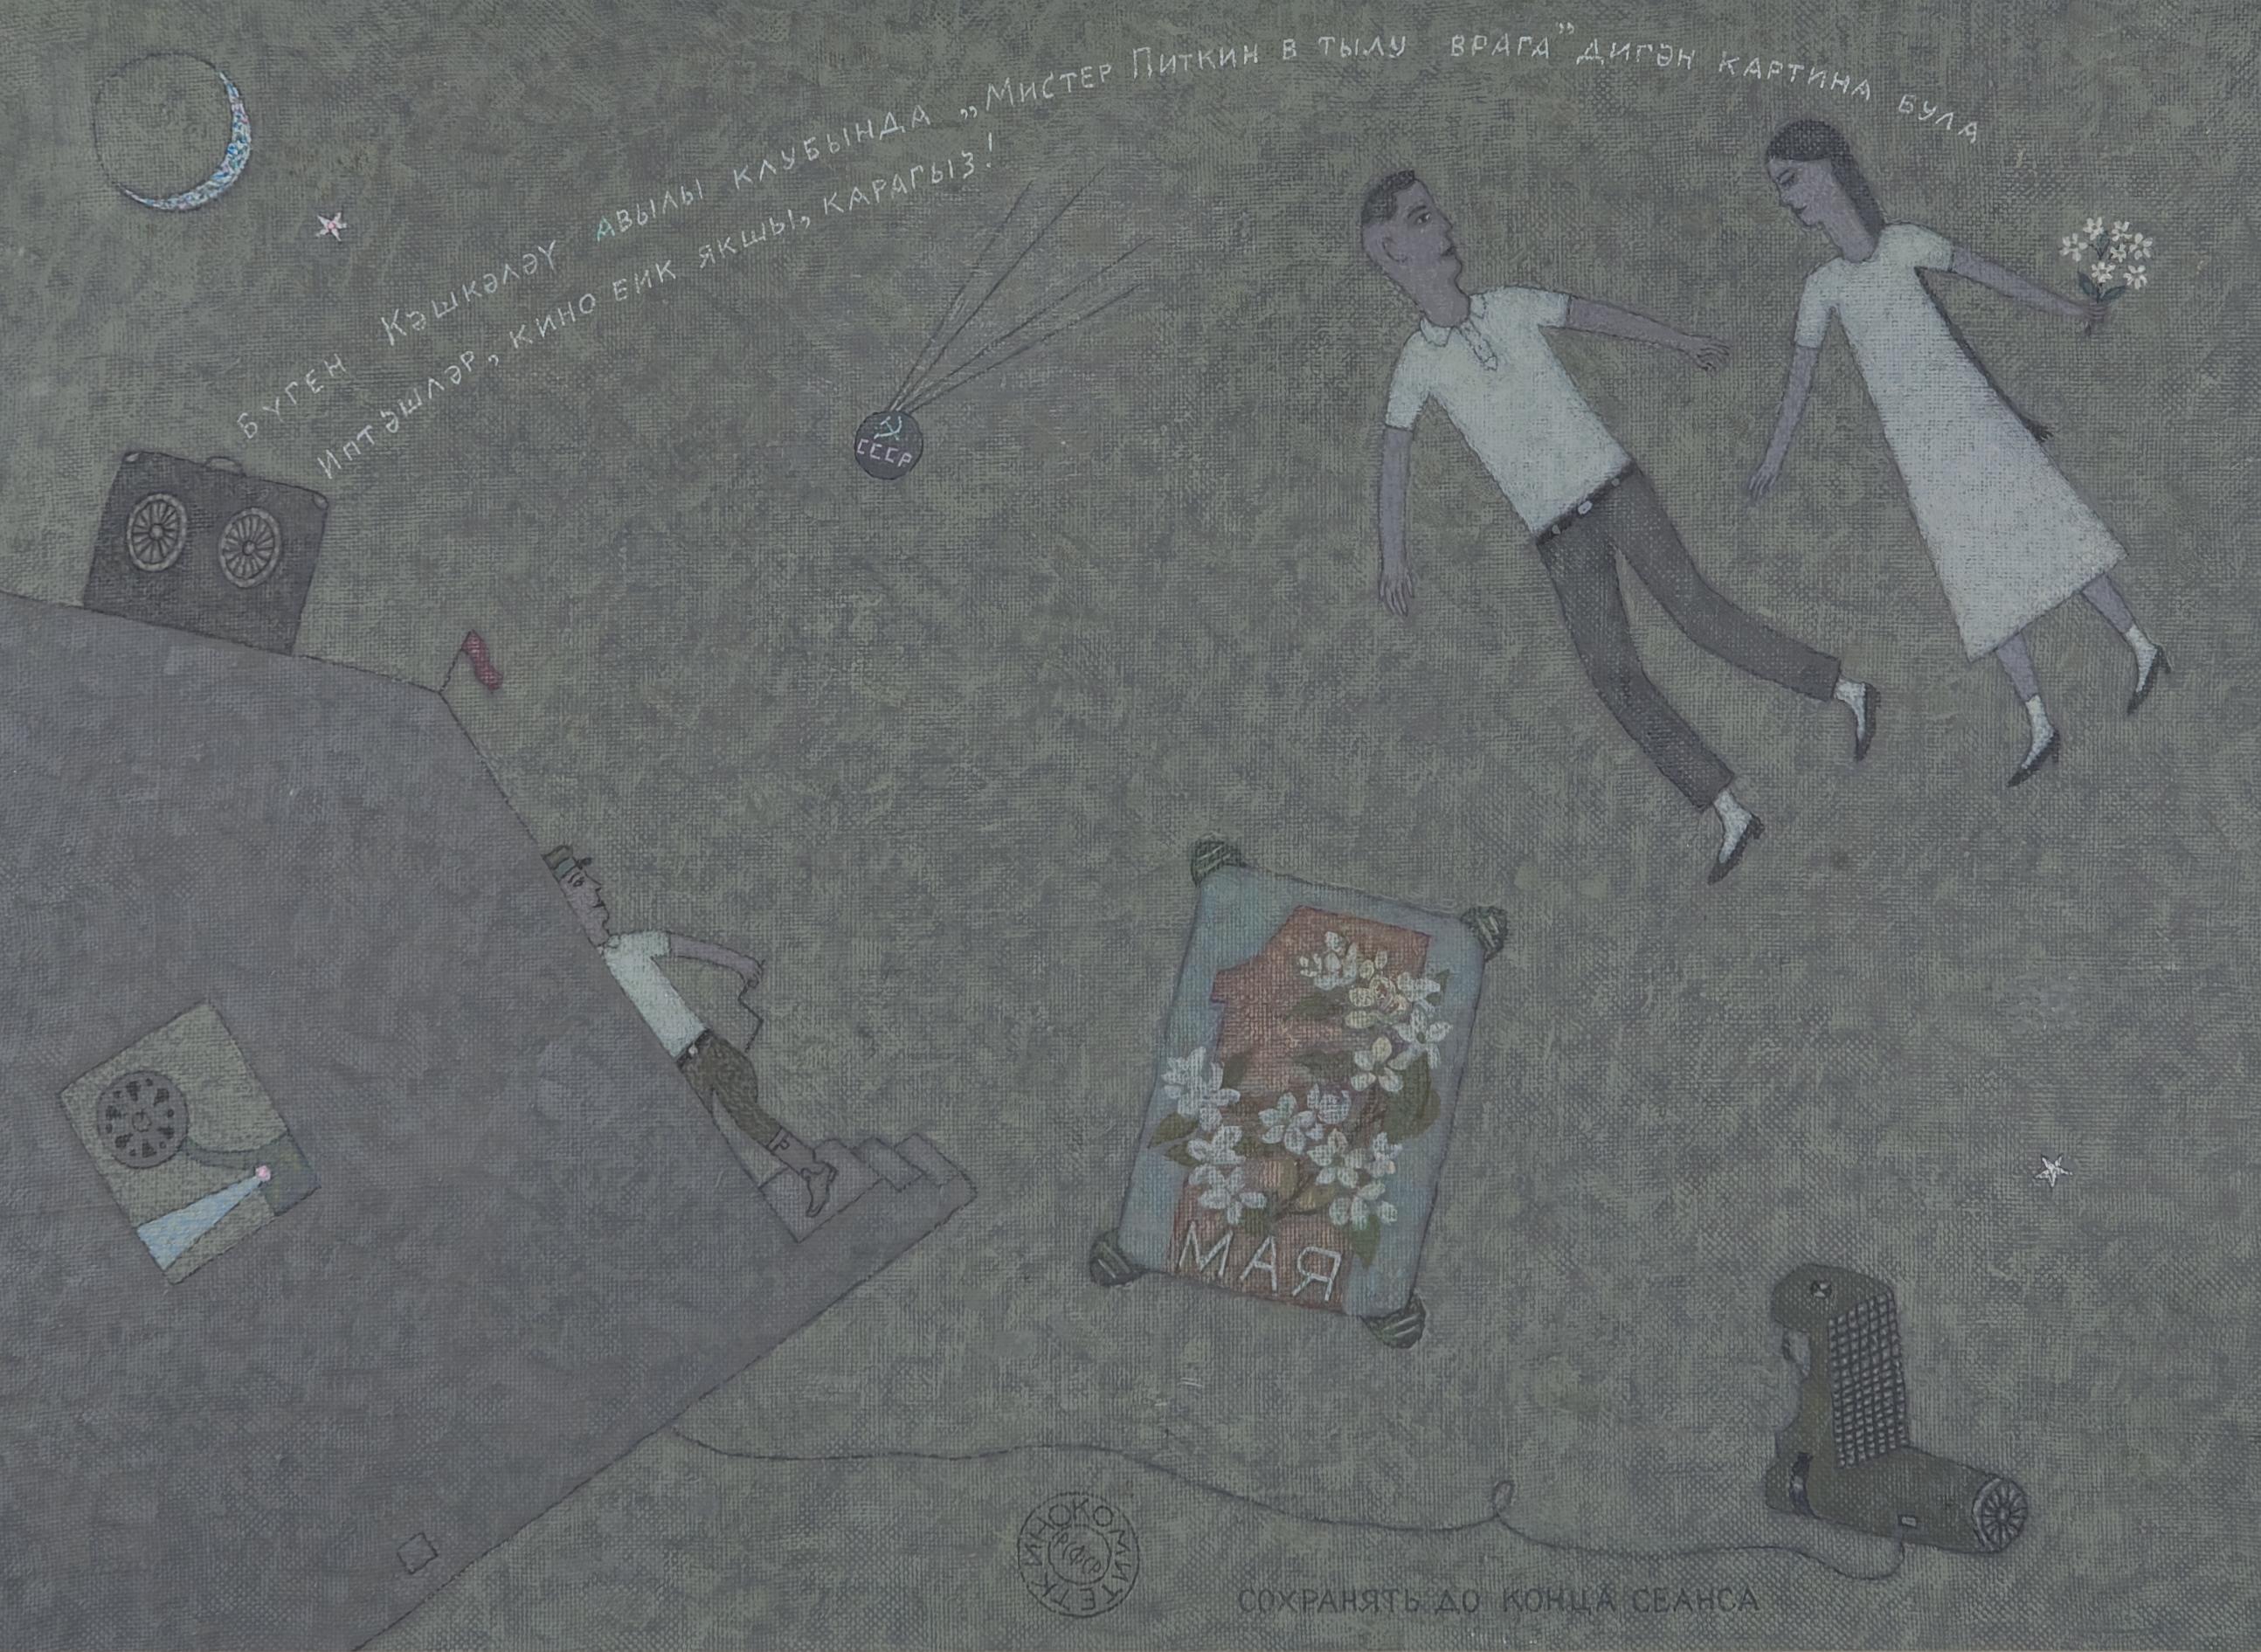 Ринат Харисов. Черно-белое кино. 2003. Холст, акрил. 50х70. Коллекция Фонда Марджани.jpg